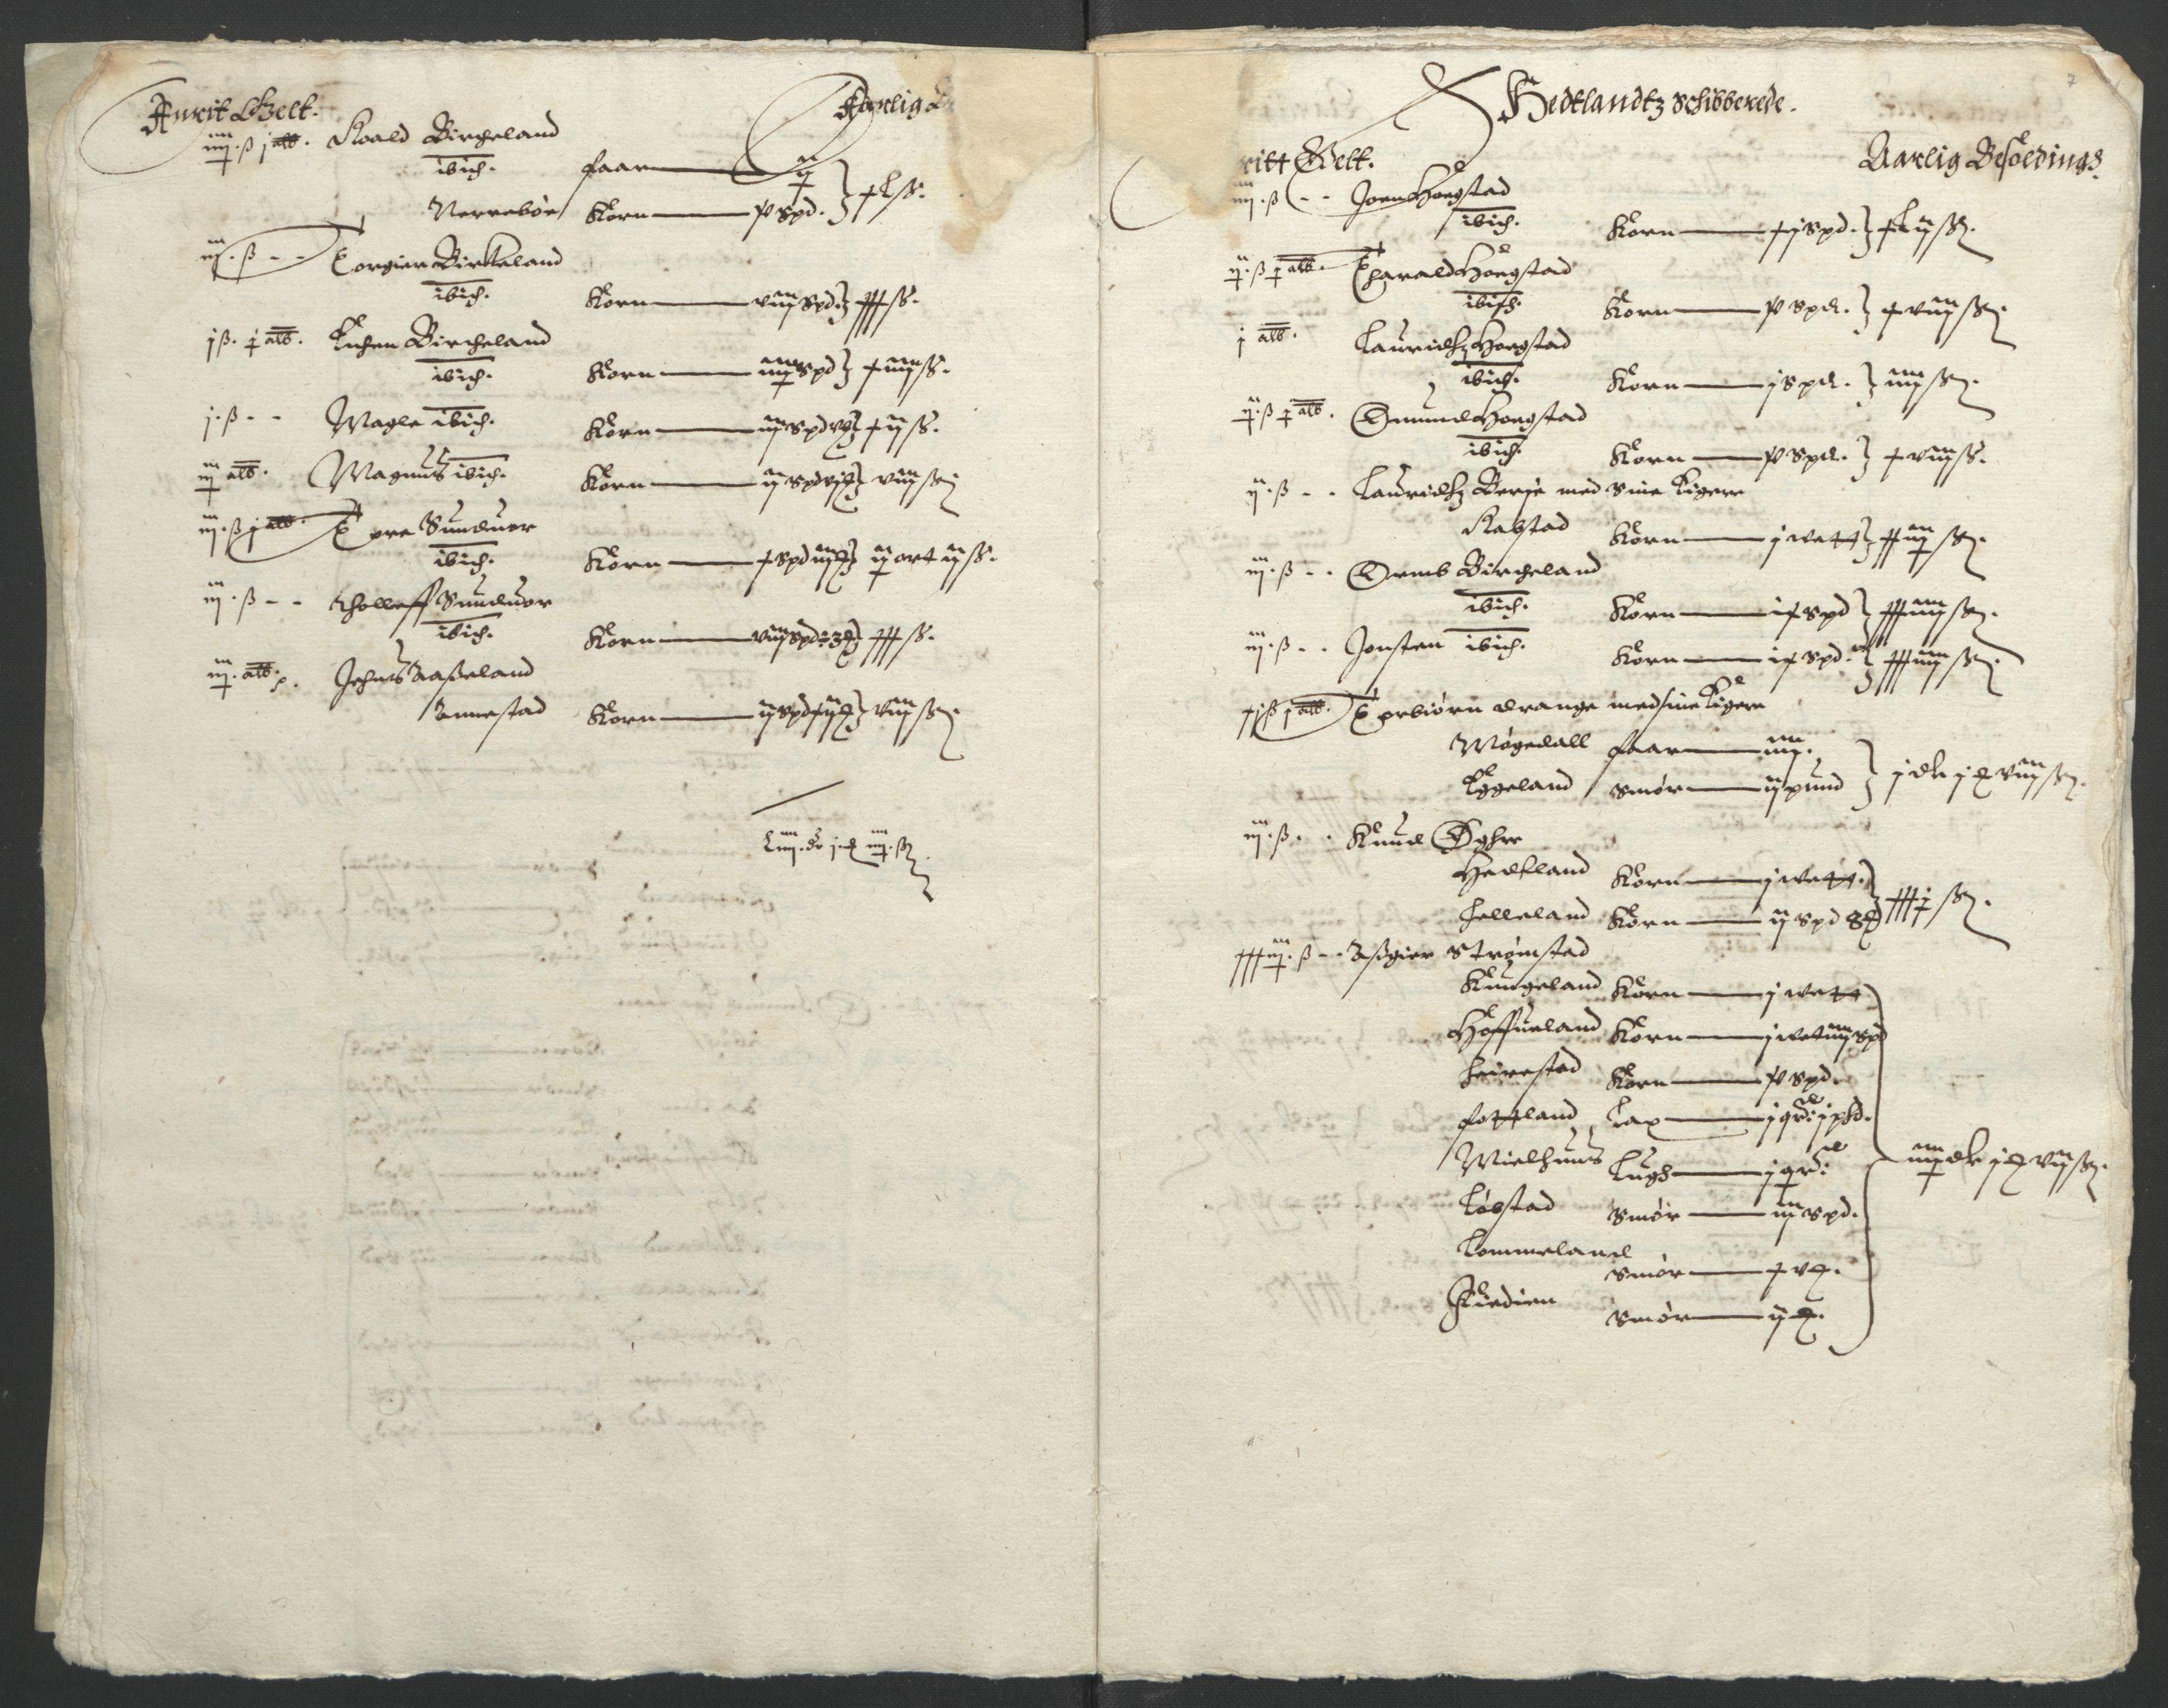 RA, Stattholderembetet 1572-1771, Ek/L0010: Jordebøker til utlikning av rosstjeneste 1624-1626:, 1624-1626, s. 101